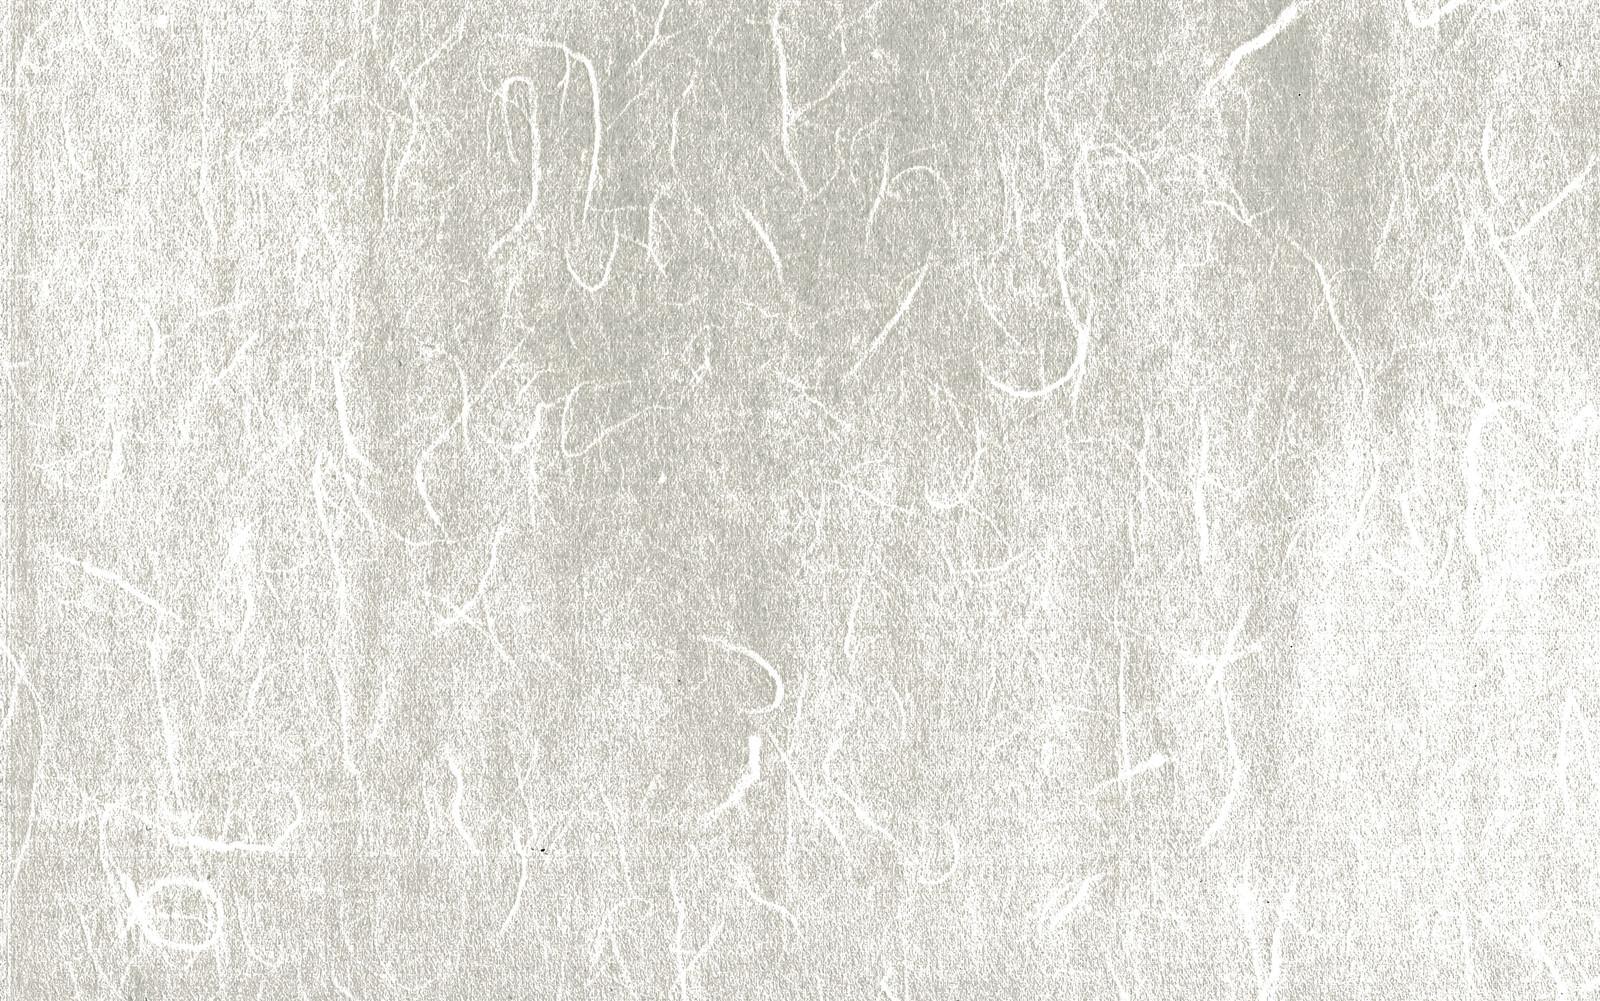 「筋が浮かぶ和紙(テクスチャ)」の写真